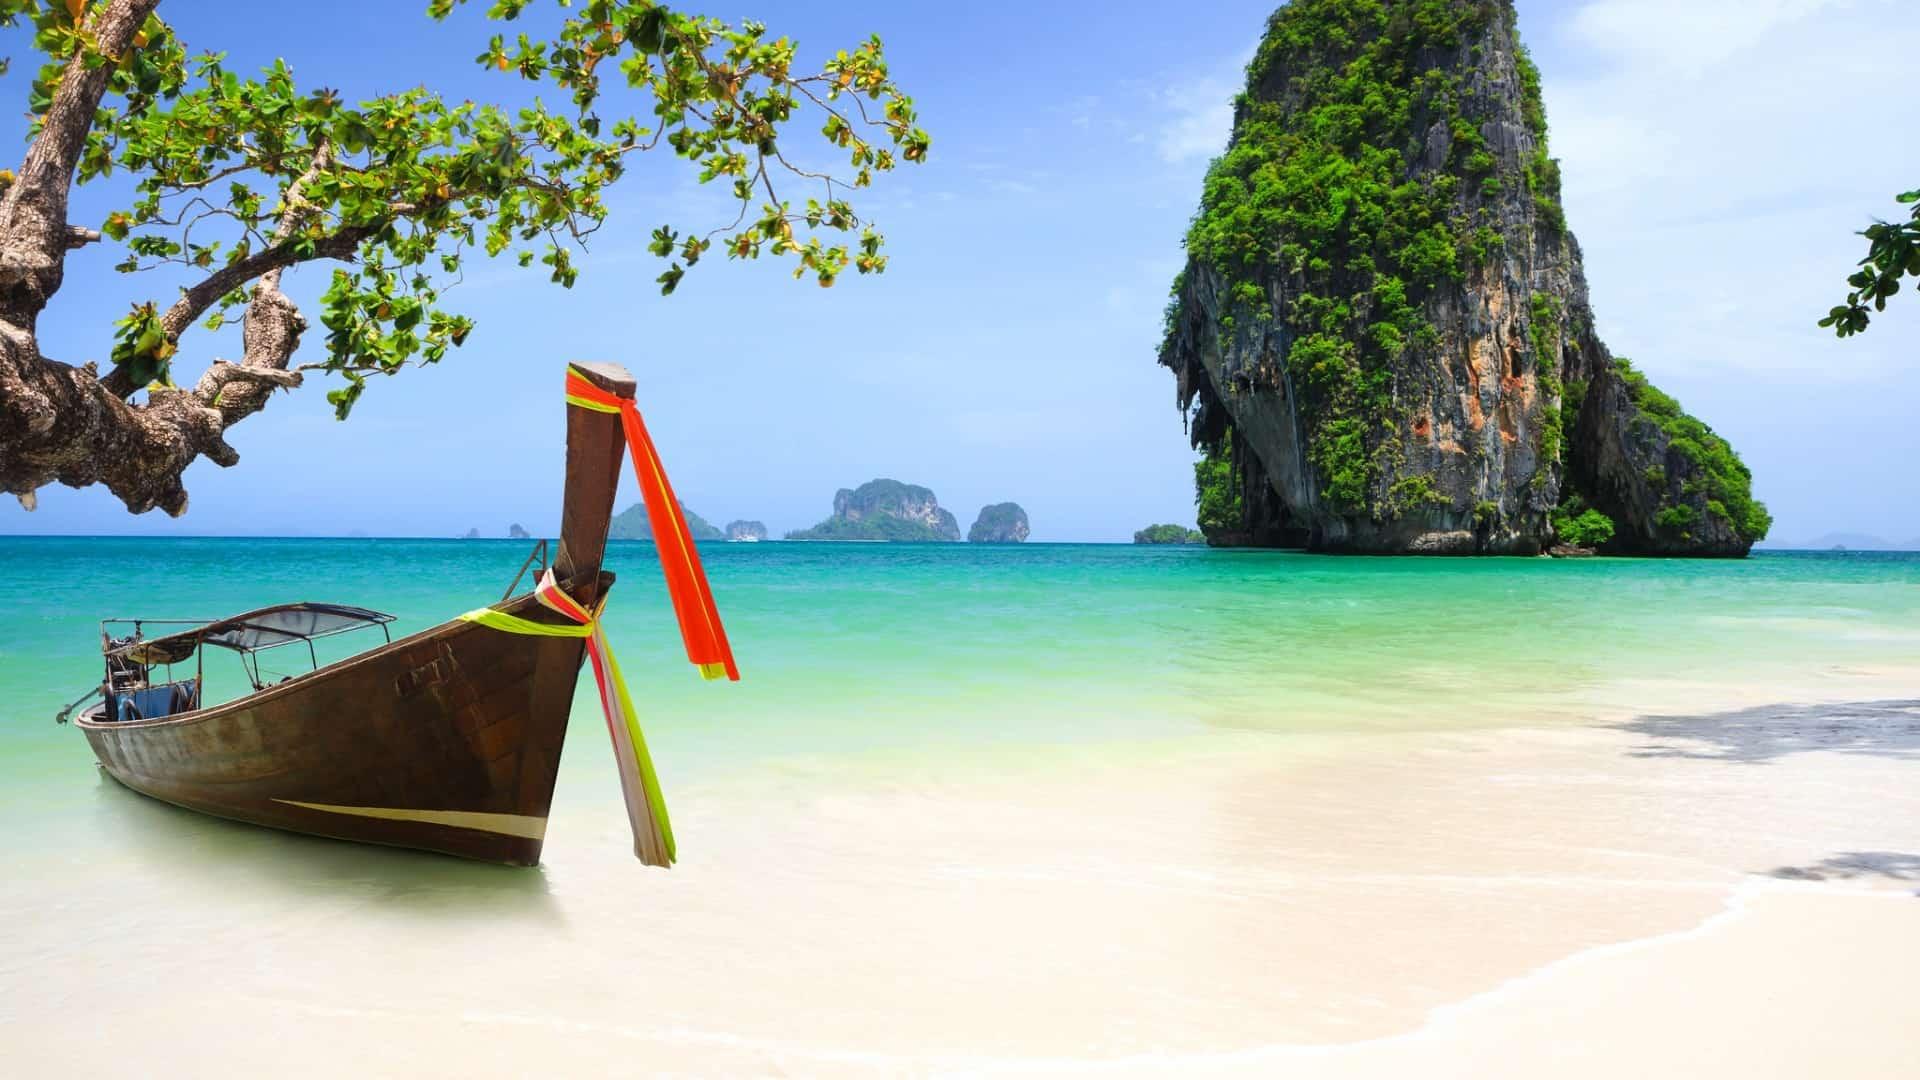 Таиланд: отзывы и советы туристов об отдыхе